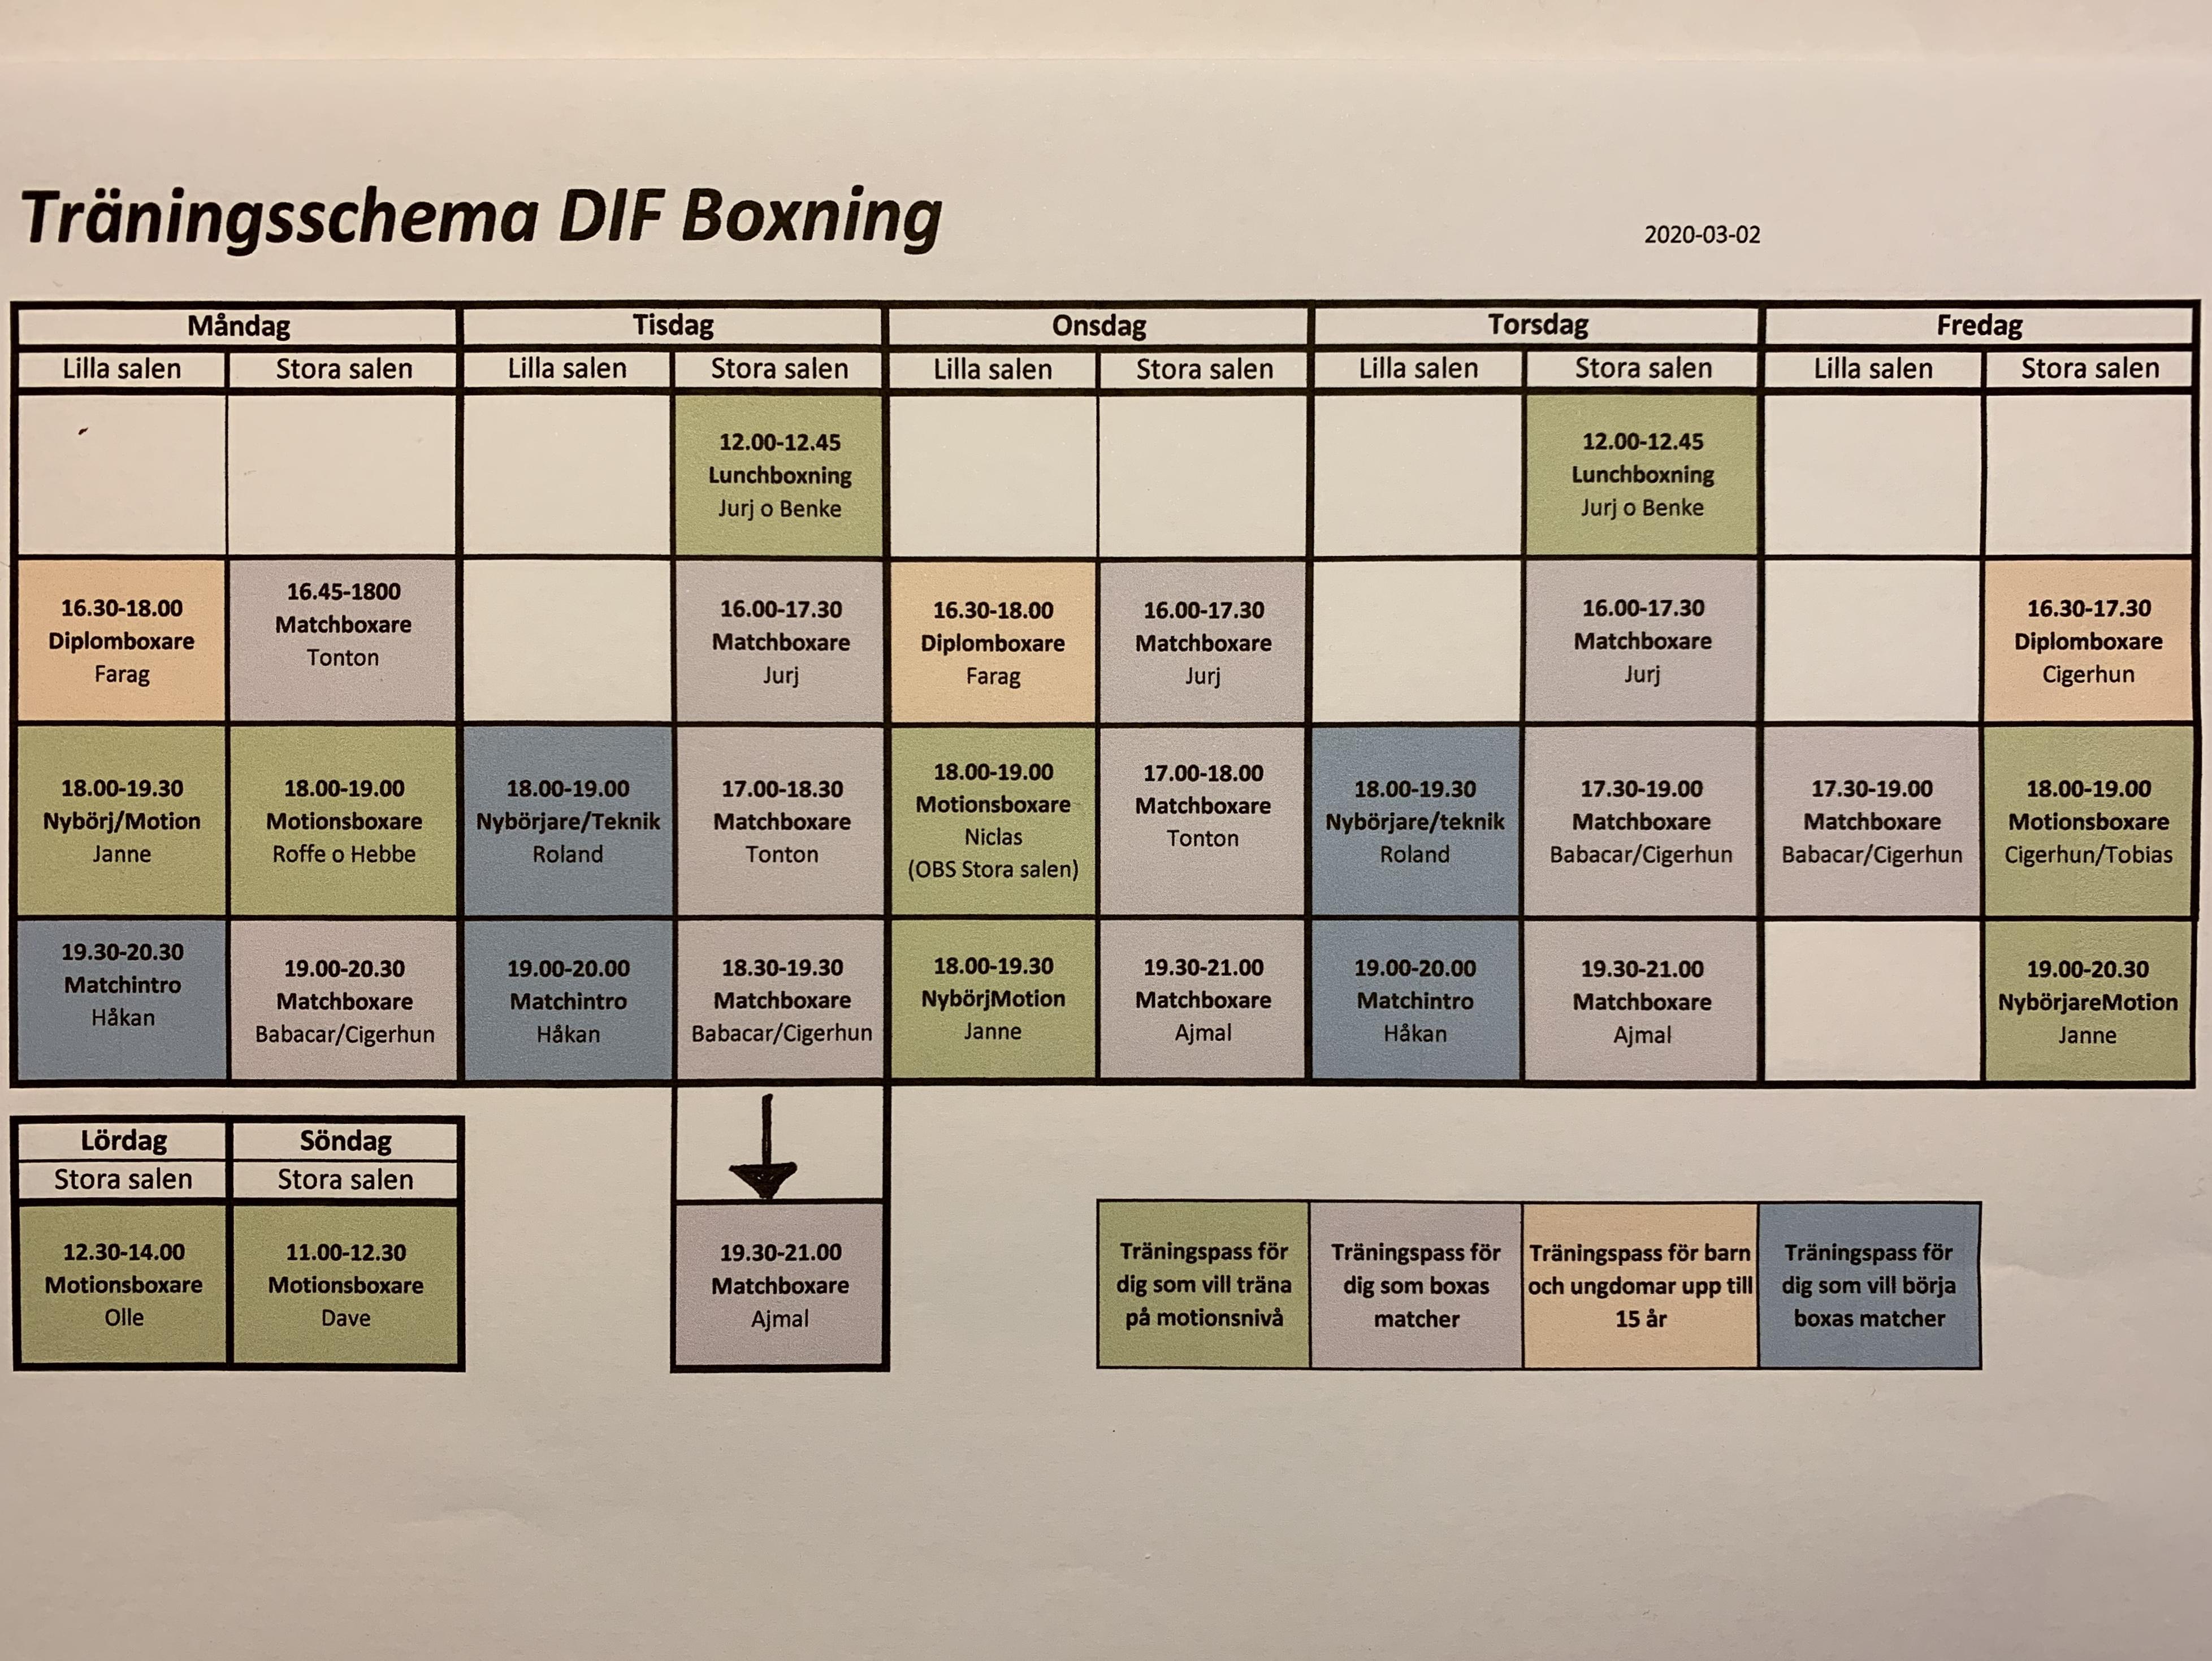 Något reviderat träningsschema